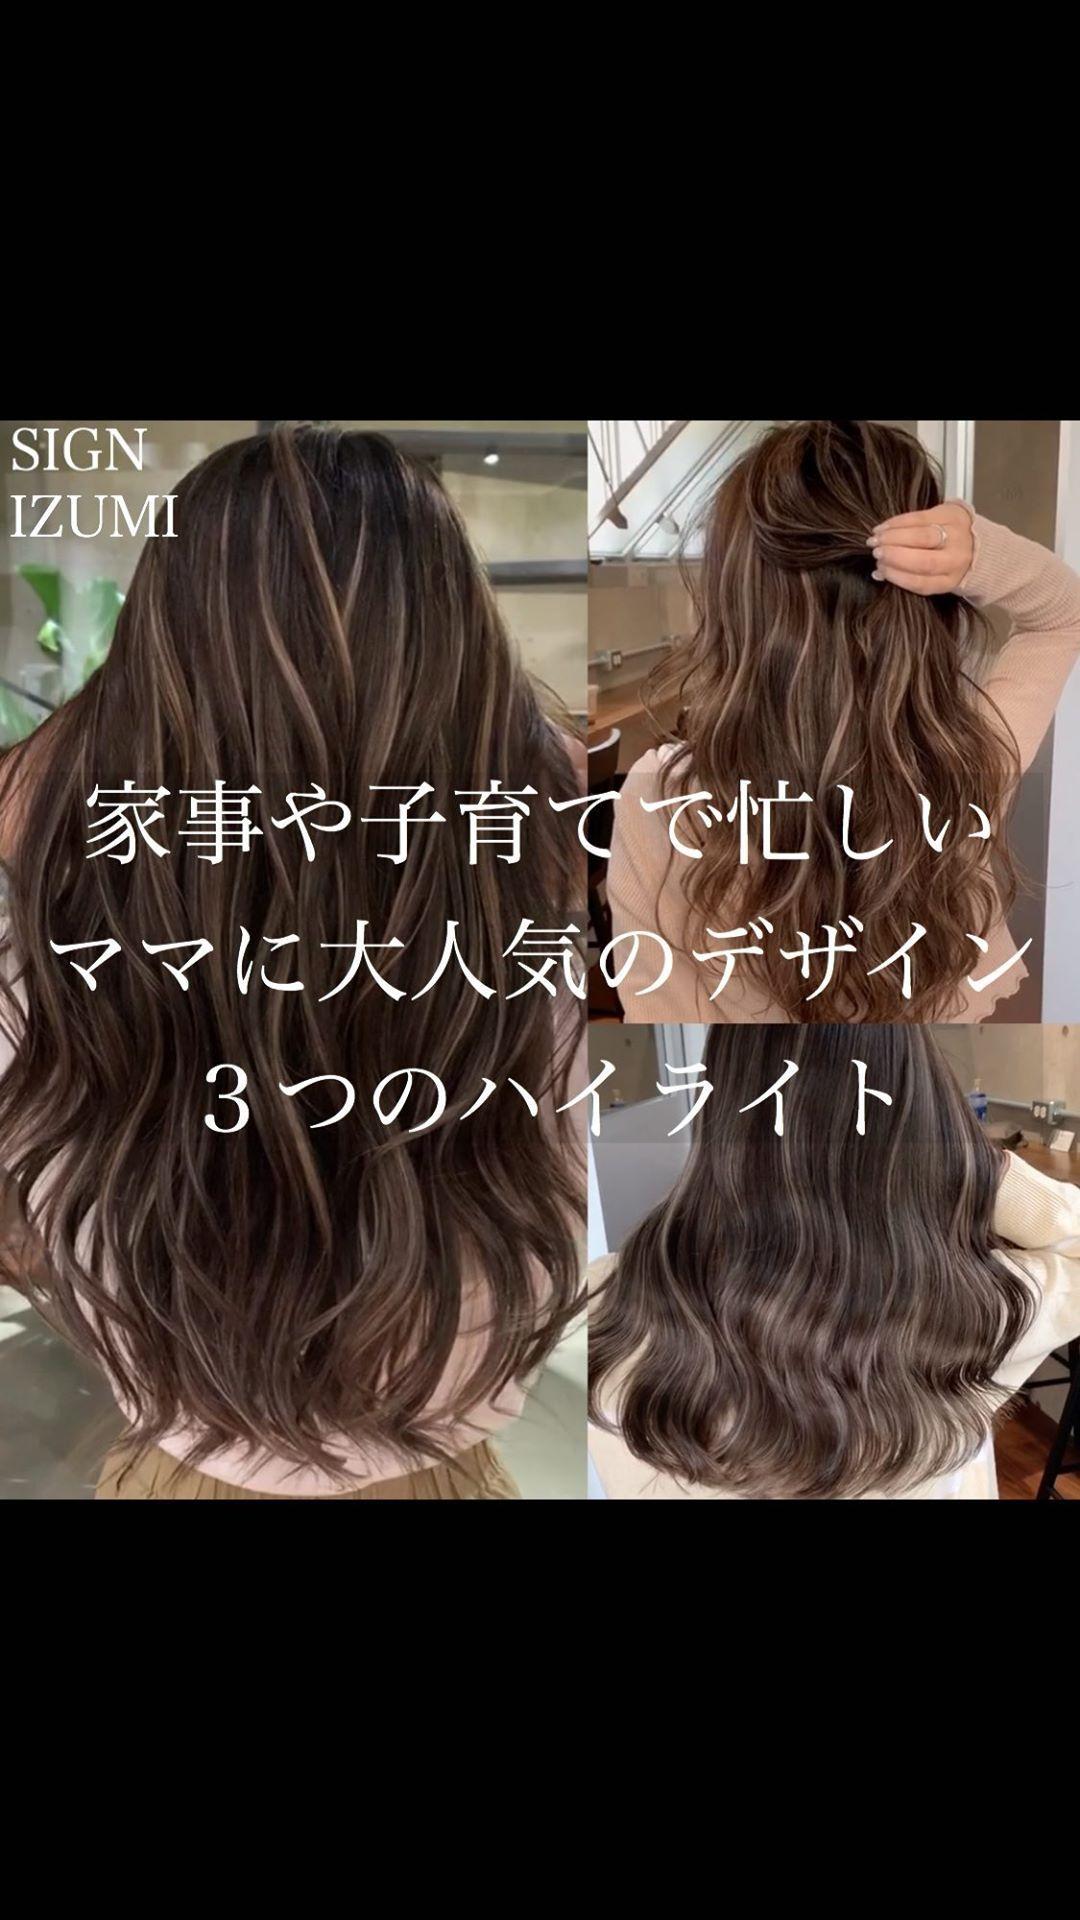 泉 貴寛 Takahiro Izumiはinstagramを利用しています ママになっても美しくいたい 憧れの 5歳ハイライト これなら私もやってみたい 11年研究してきたオリジナルのハイライトデザインで沢山のお客 髪 カラー ヘアスタイル ロング ヘア